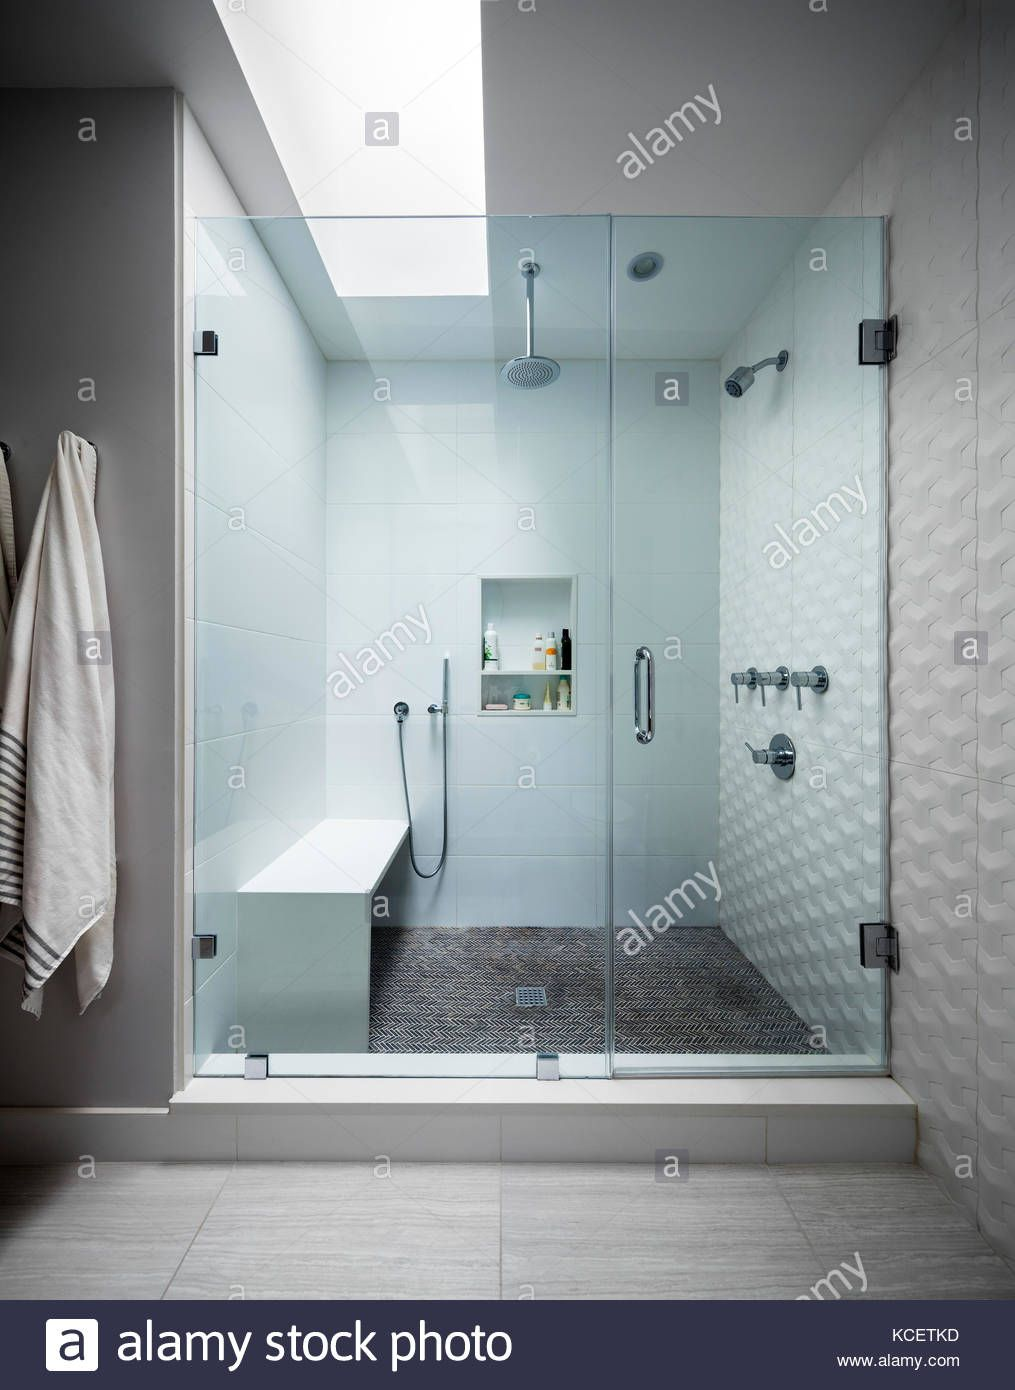 Image result for skylight over shower | Bathroom Ideas | Pinterest ...